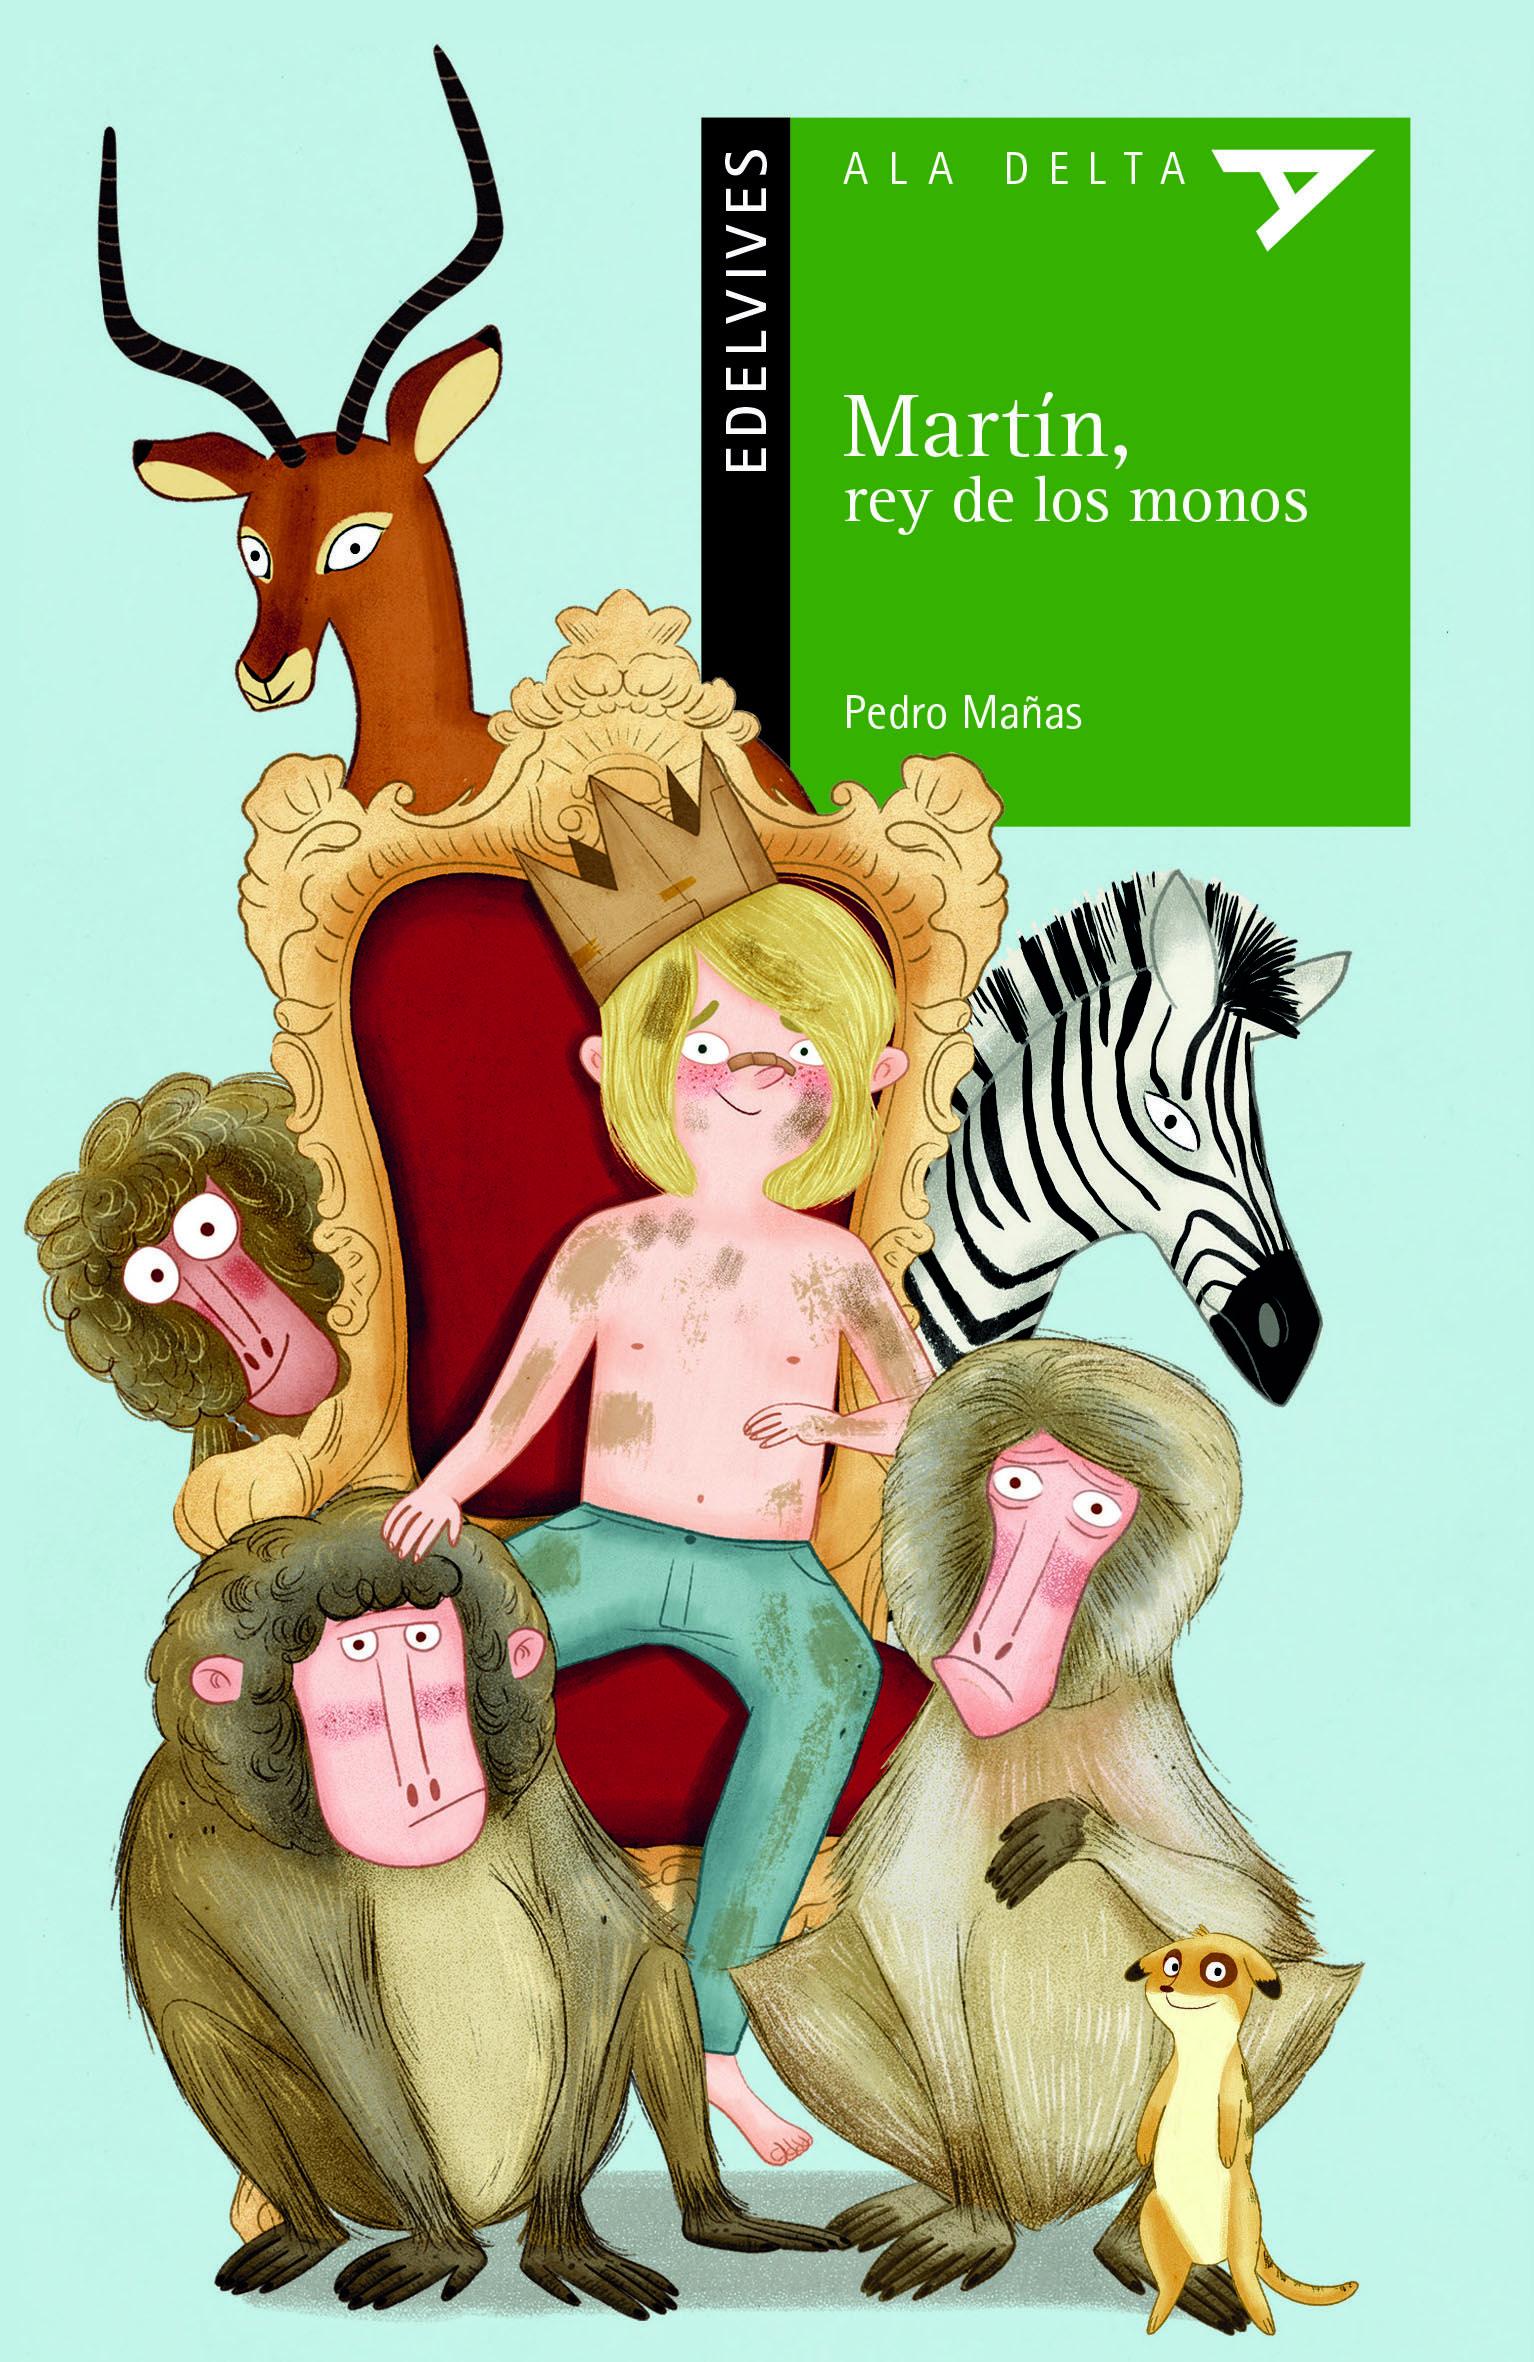 MARTIN REY DE LOS MONOS